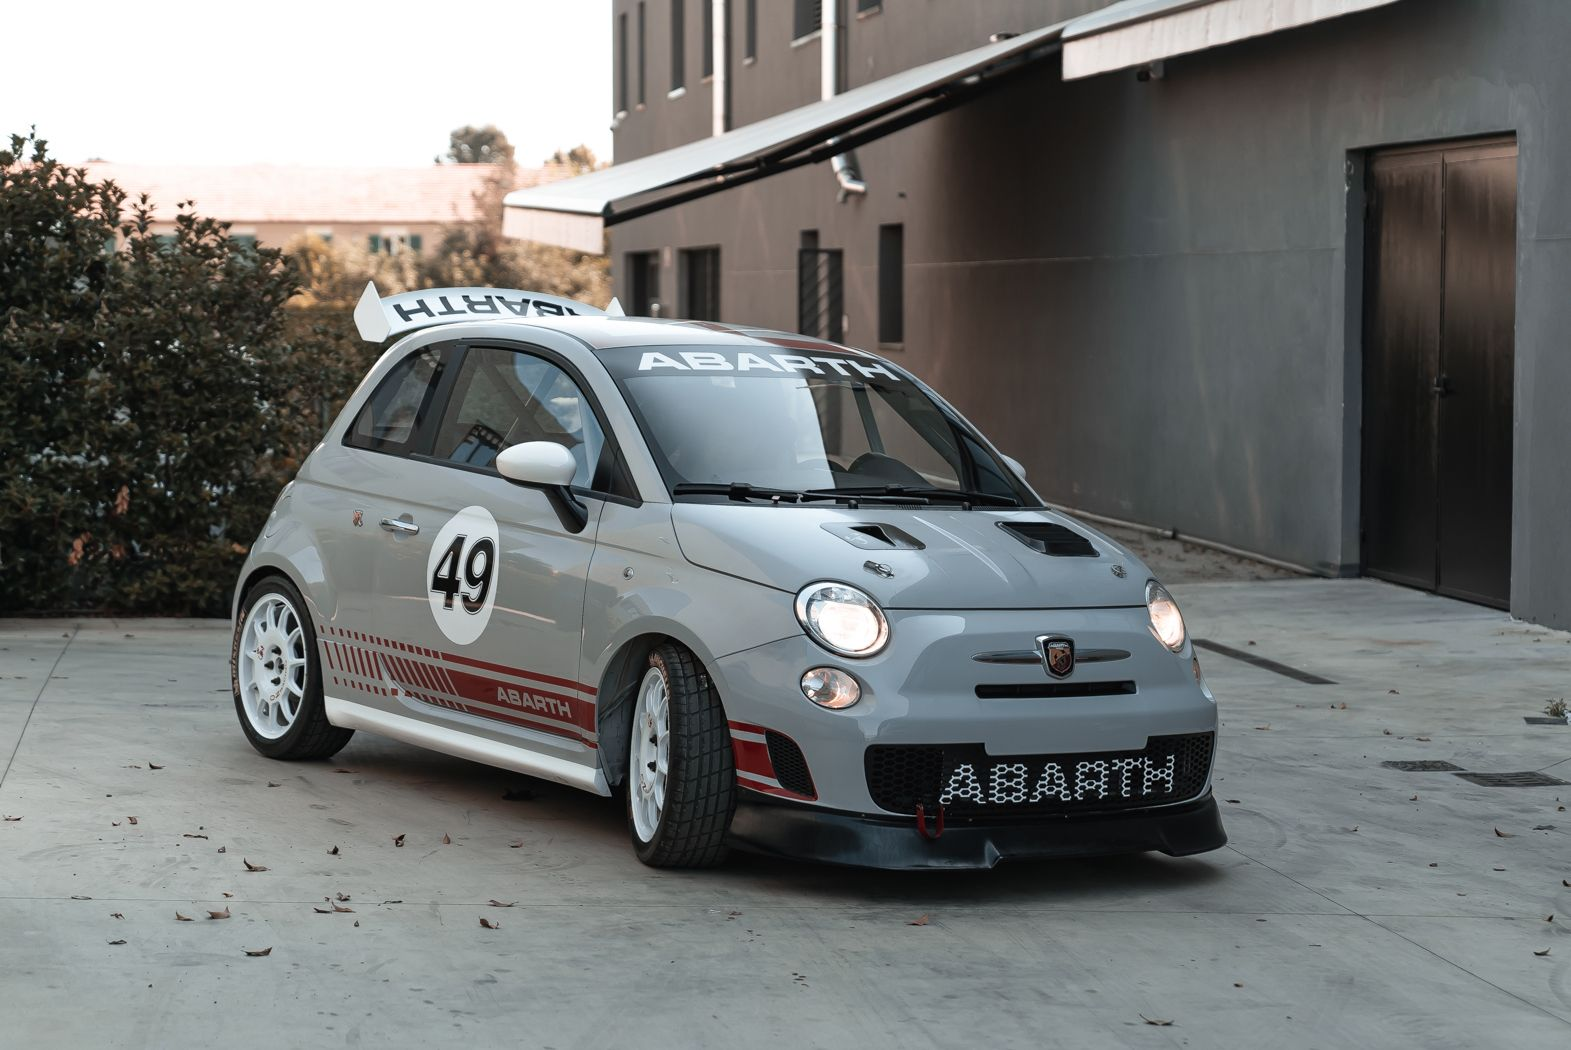 2008 Fiat 500 Abarth Assetto Corse 49/49 79308